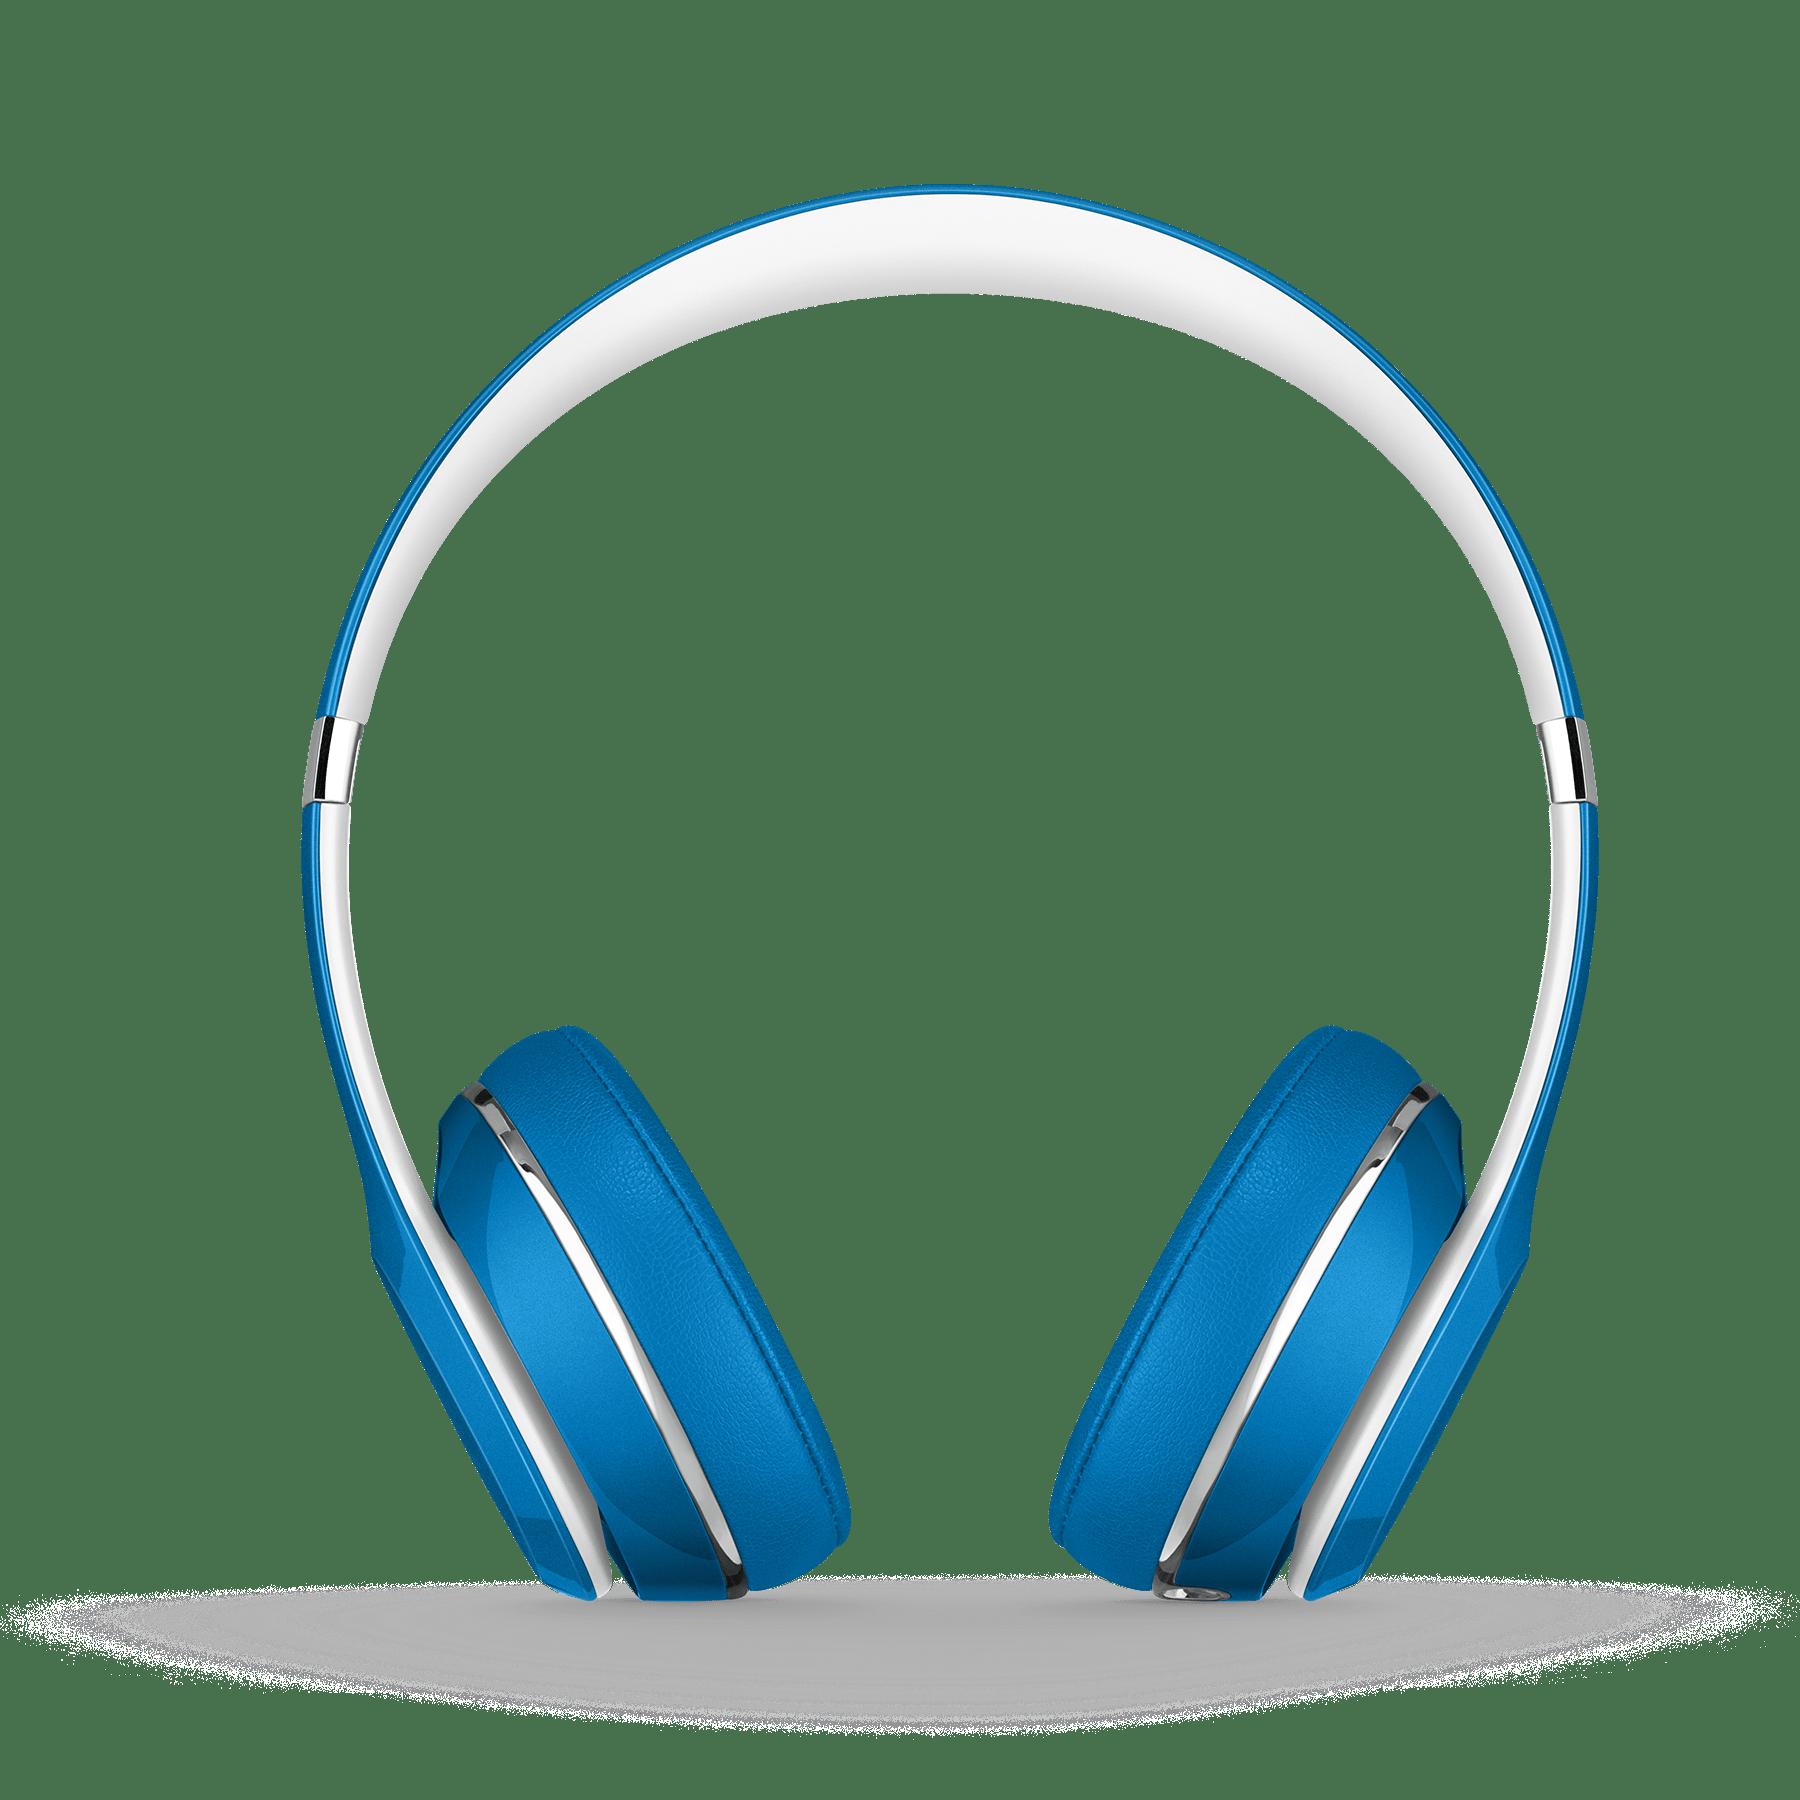 Beats Solo2 On Ear Headphones Beats By Dre